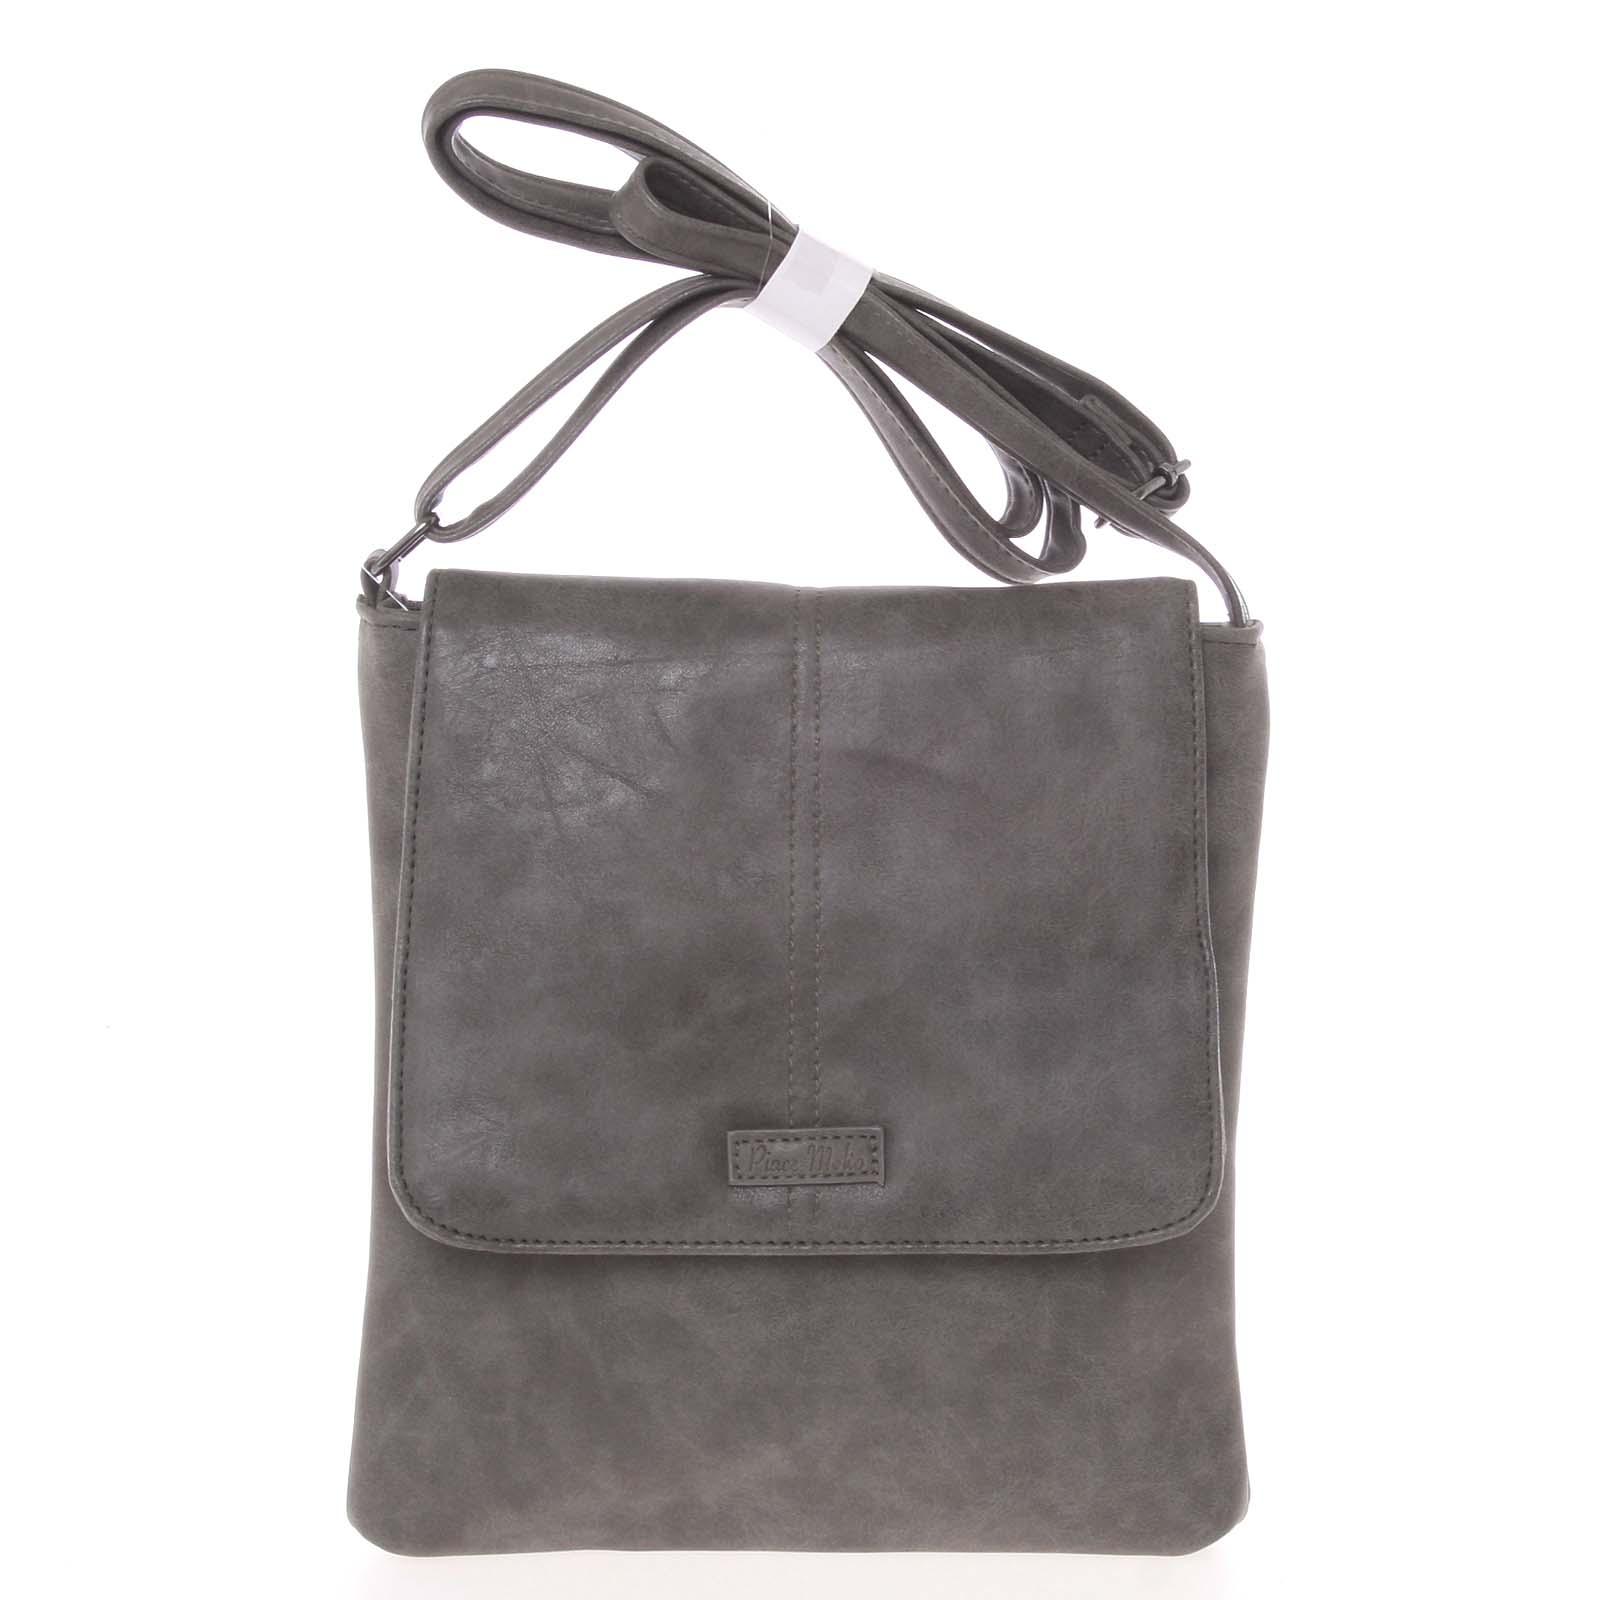 Elegantná dámska crossbody kabelka sivá - Piace Molto Narcissa